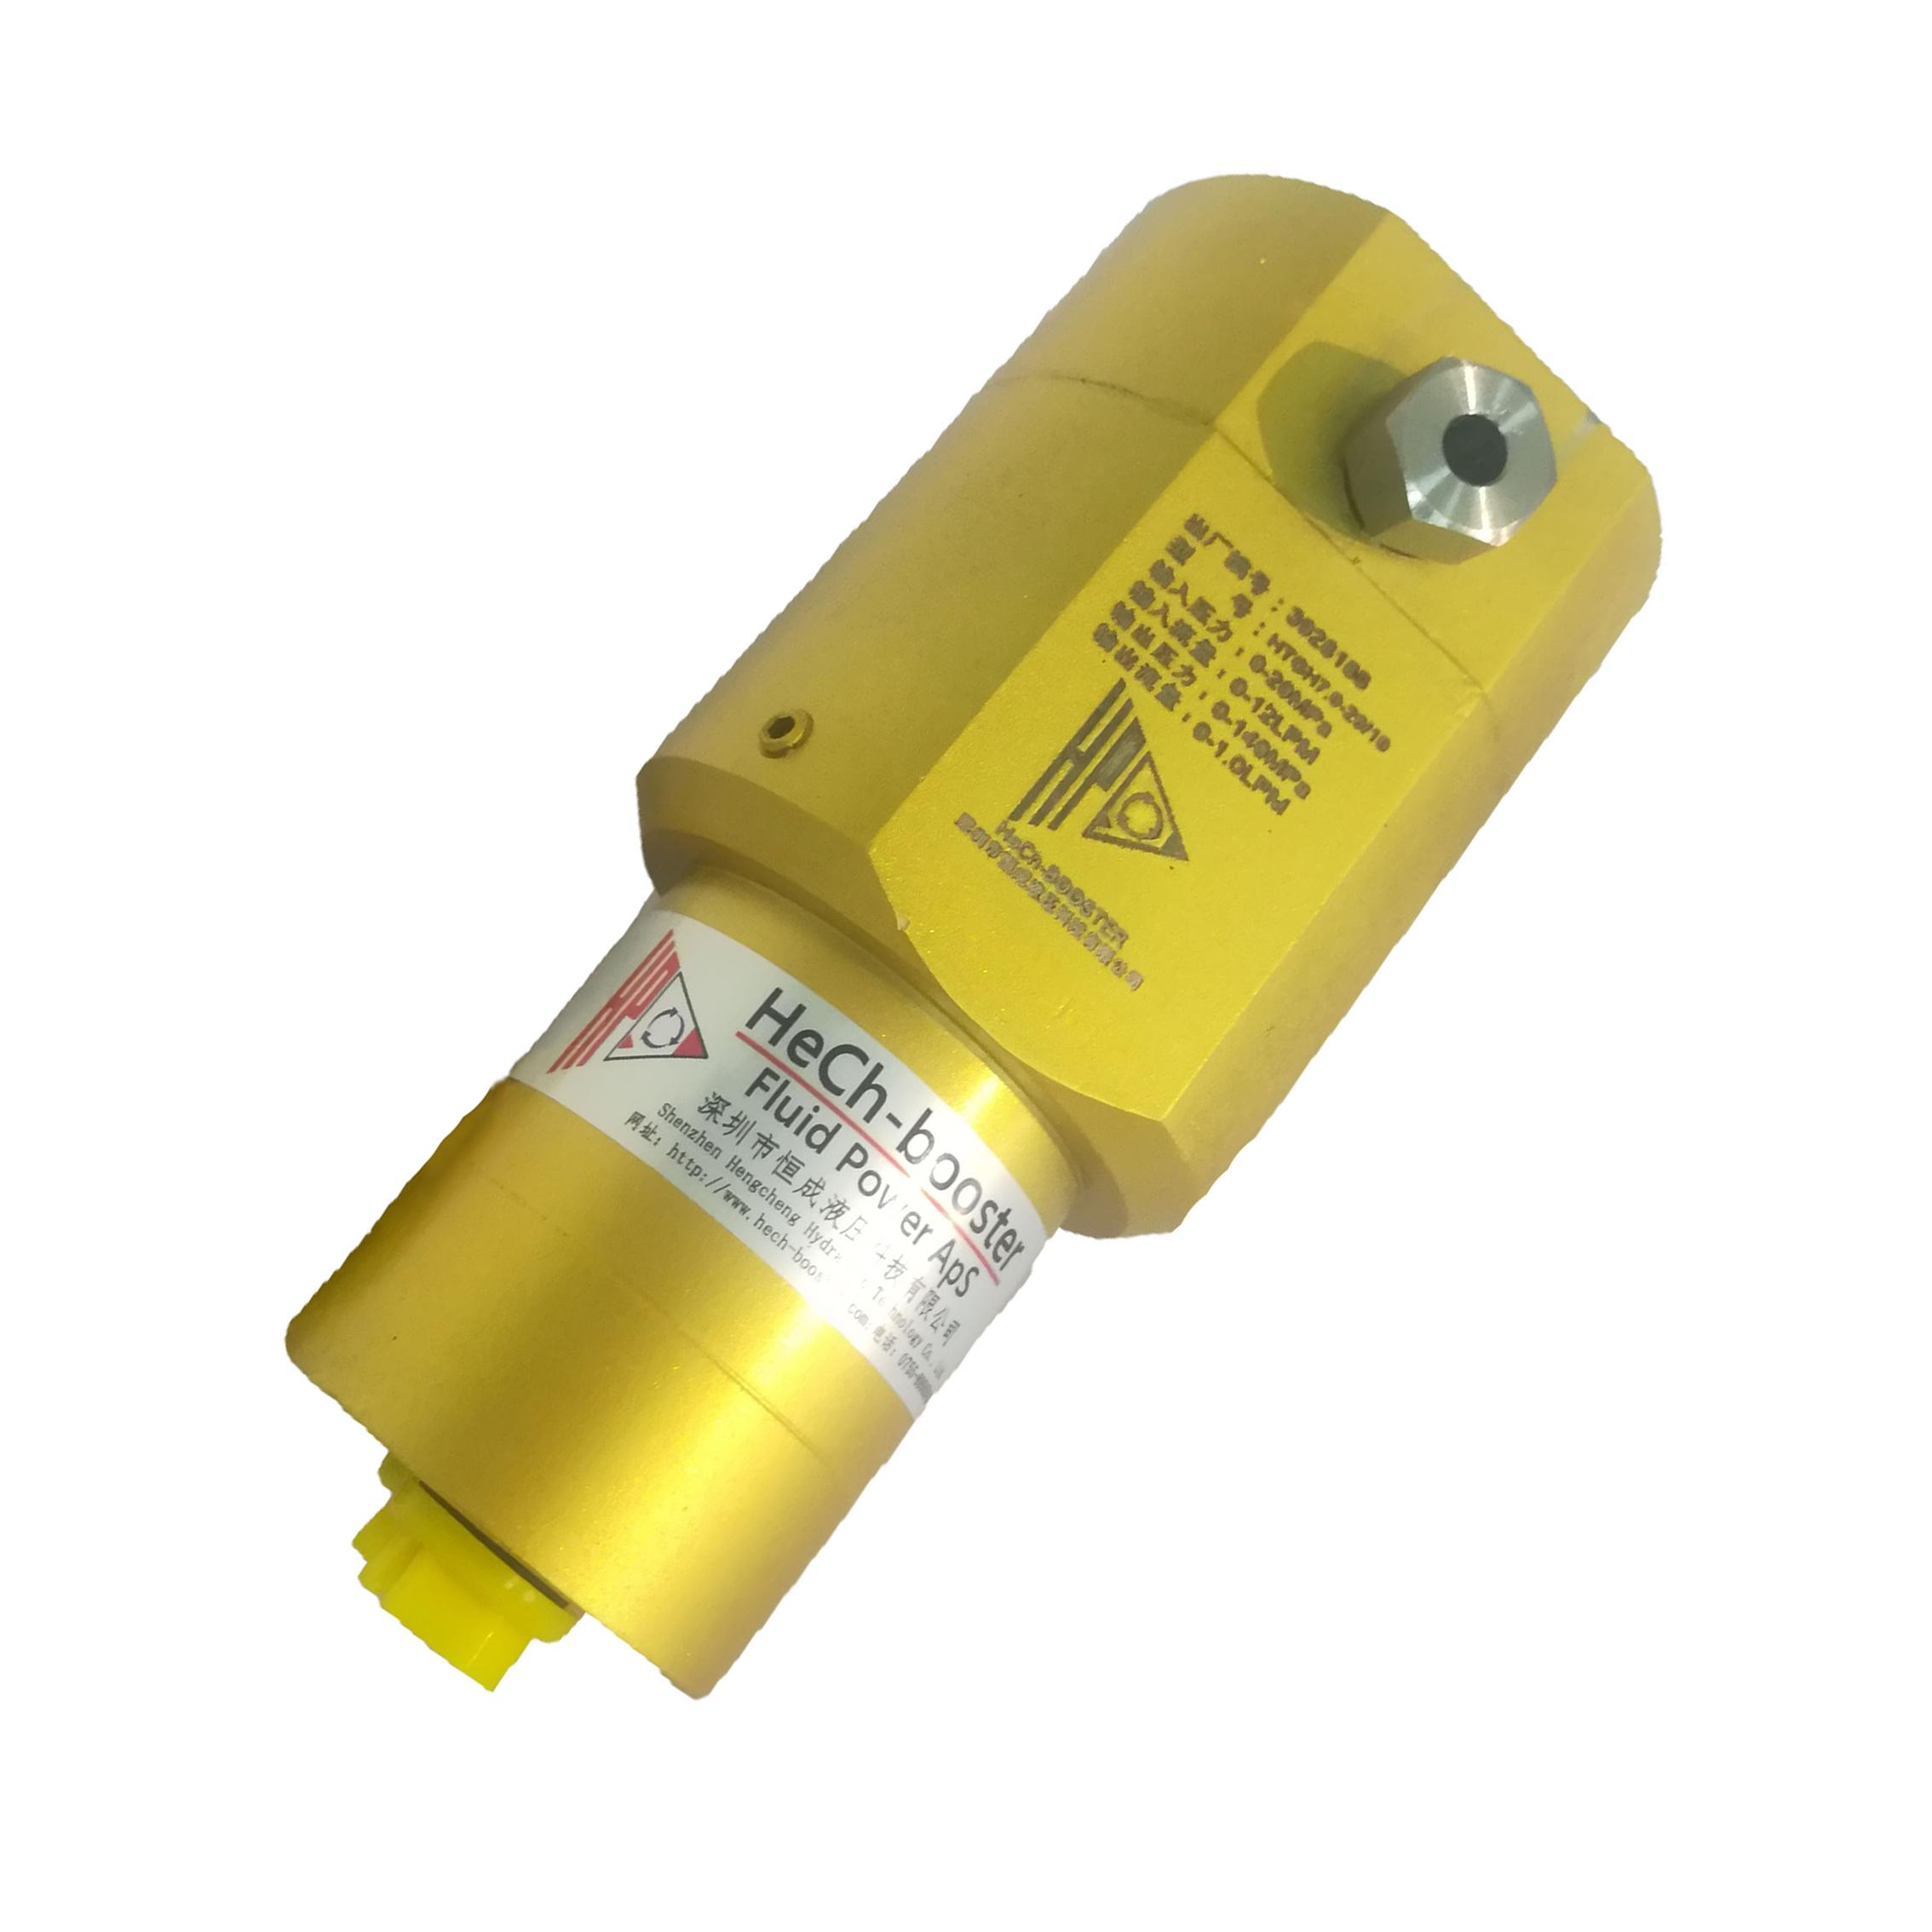 小流量超高压液压增压器 -HTHG